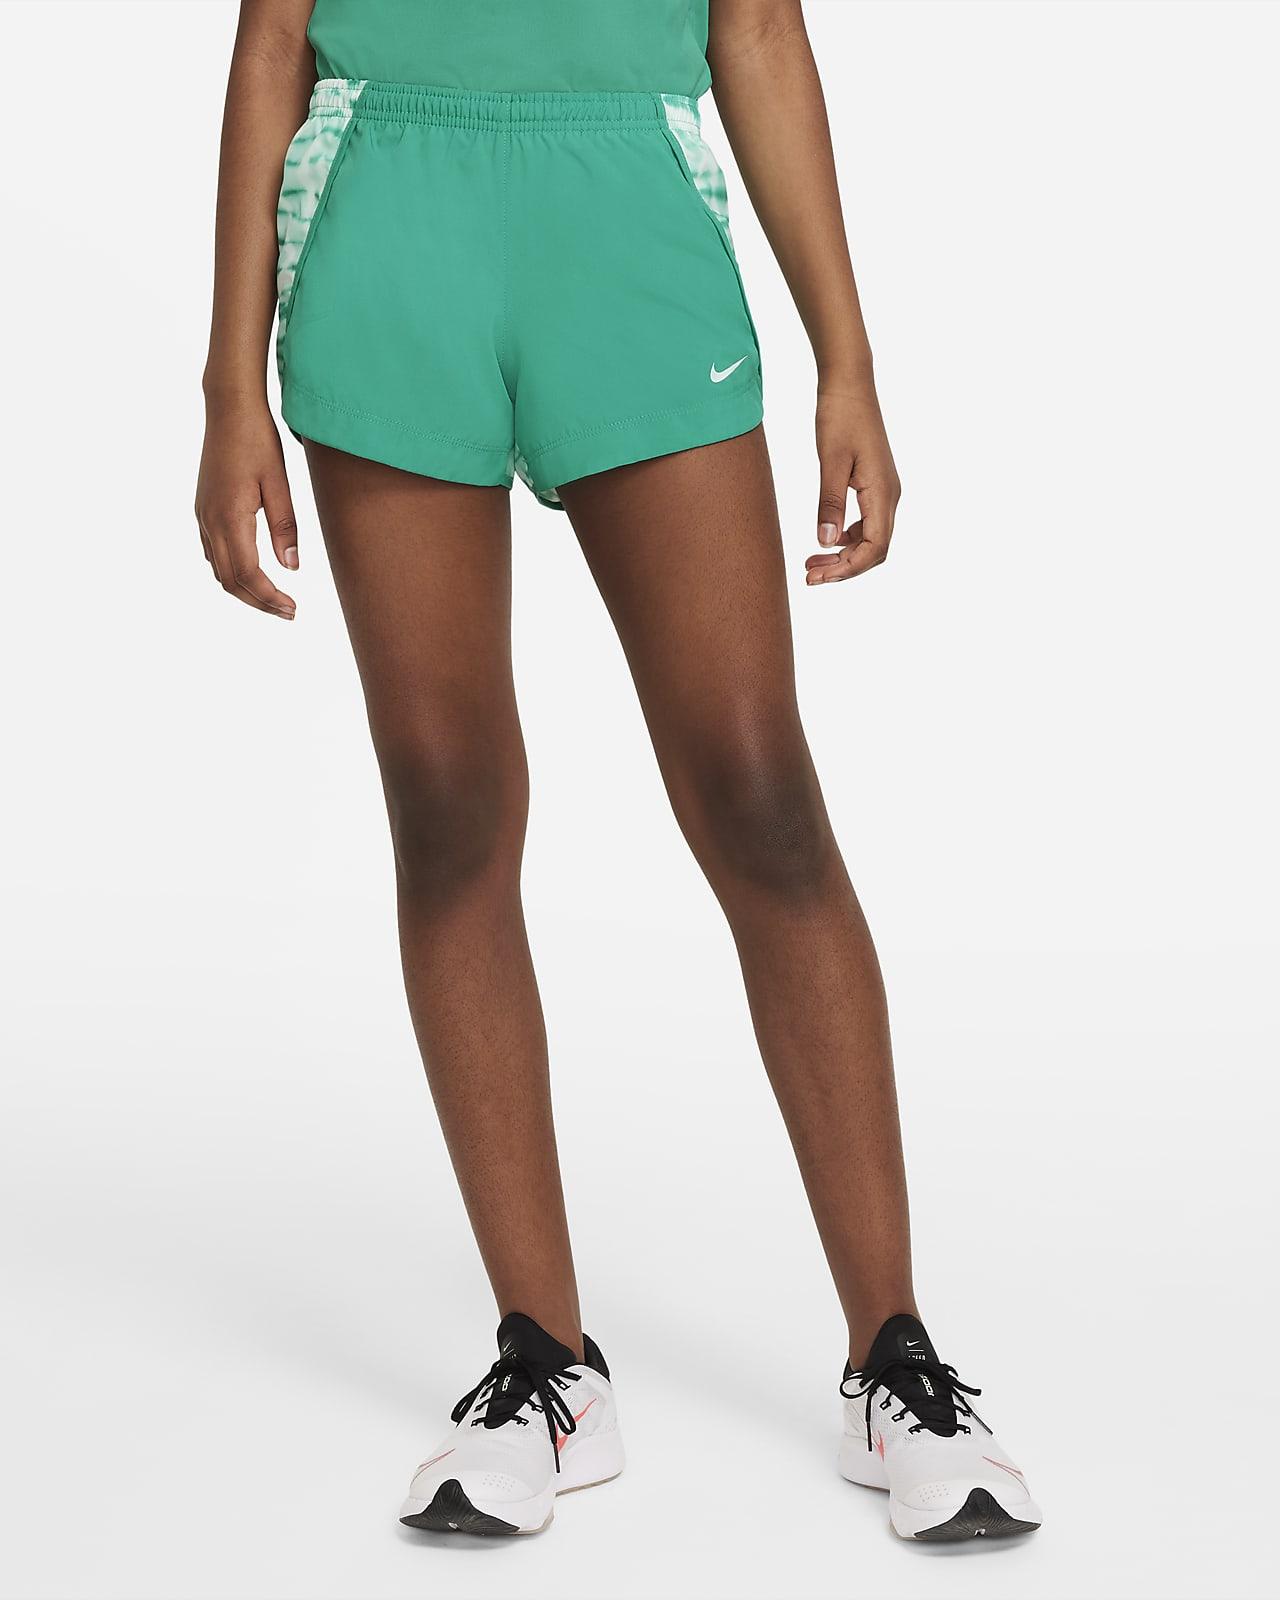 Беговые шорты с принтом для девочек школьного возраста Nike Dri-FIT Sprinter